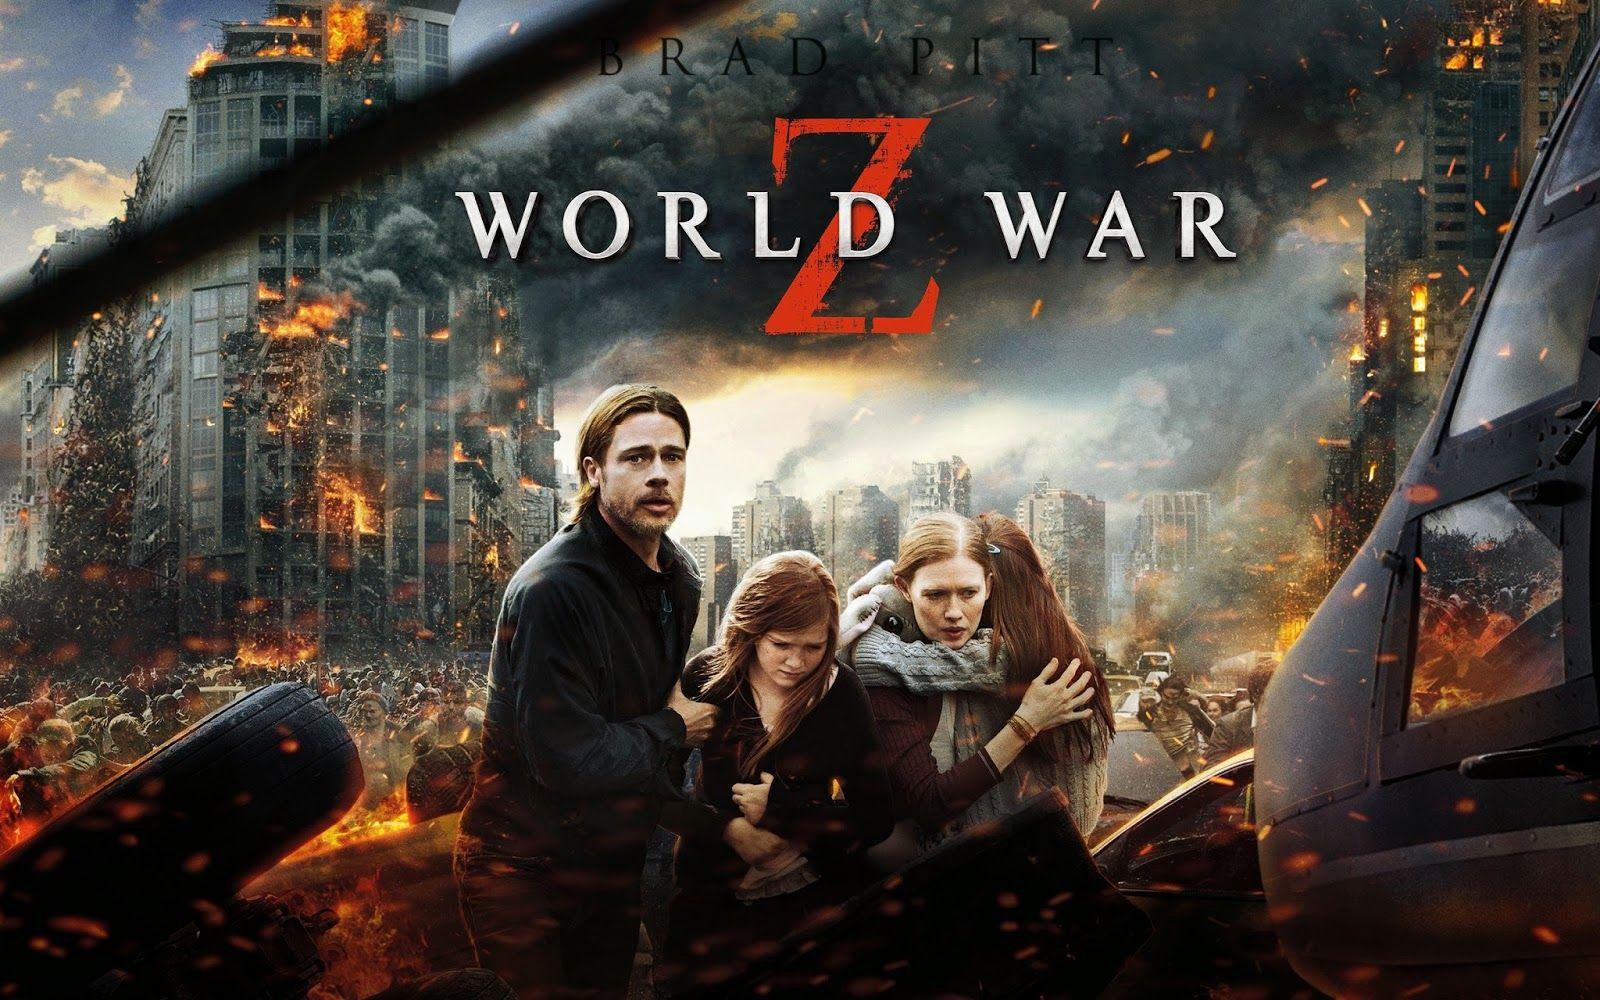 World War Z Sequel